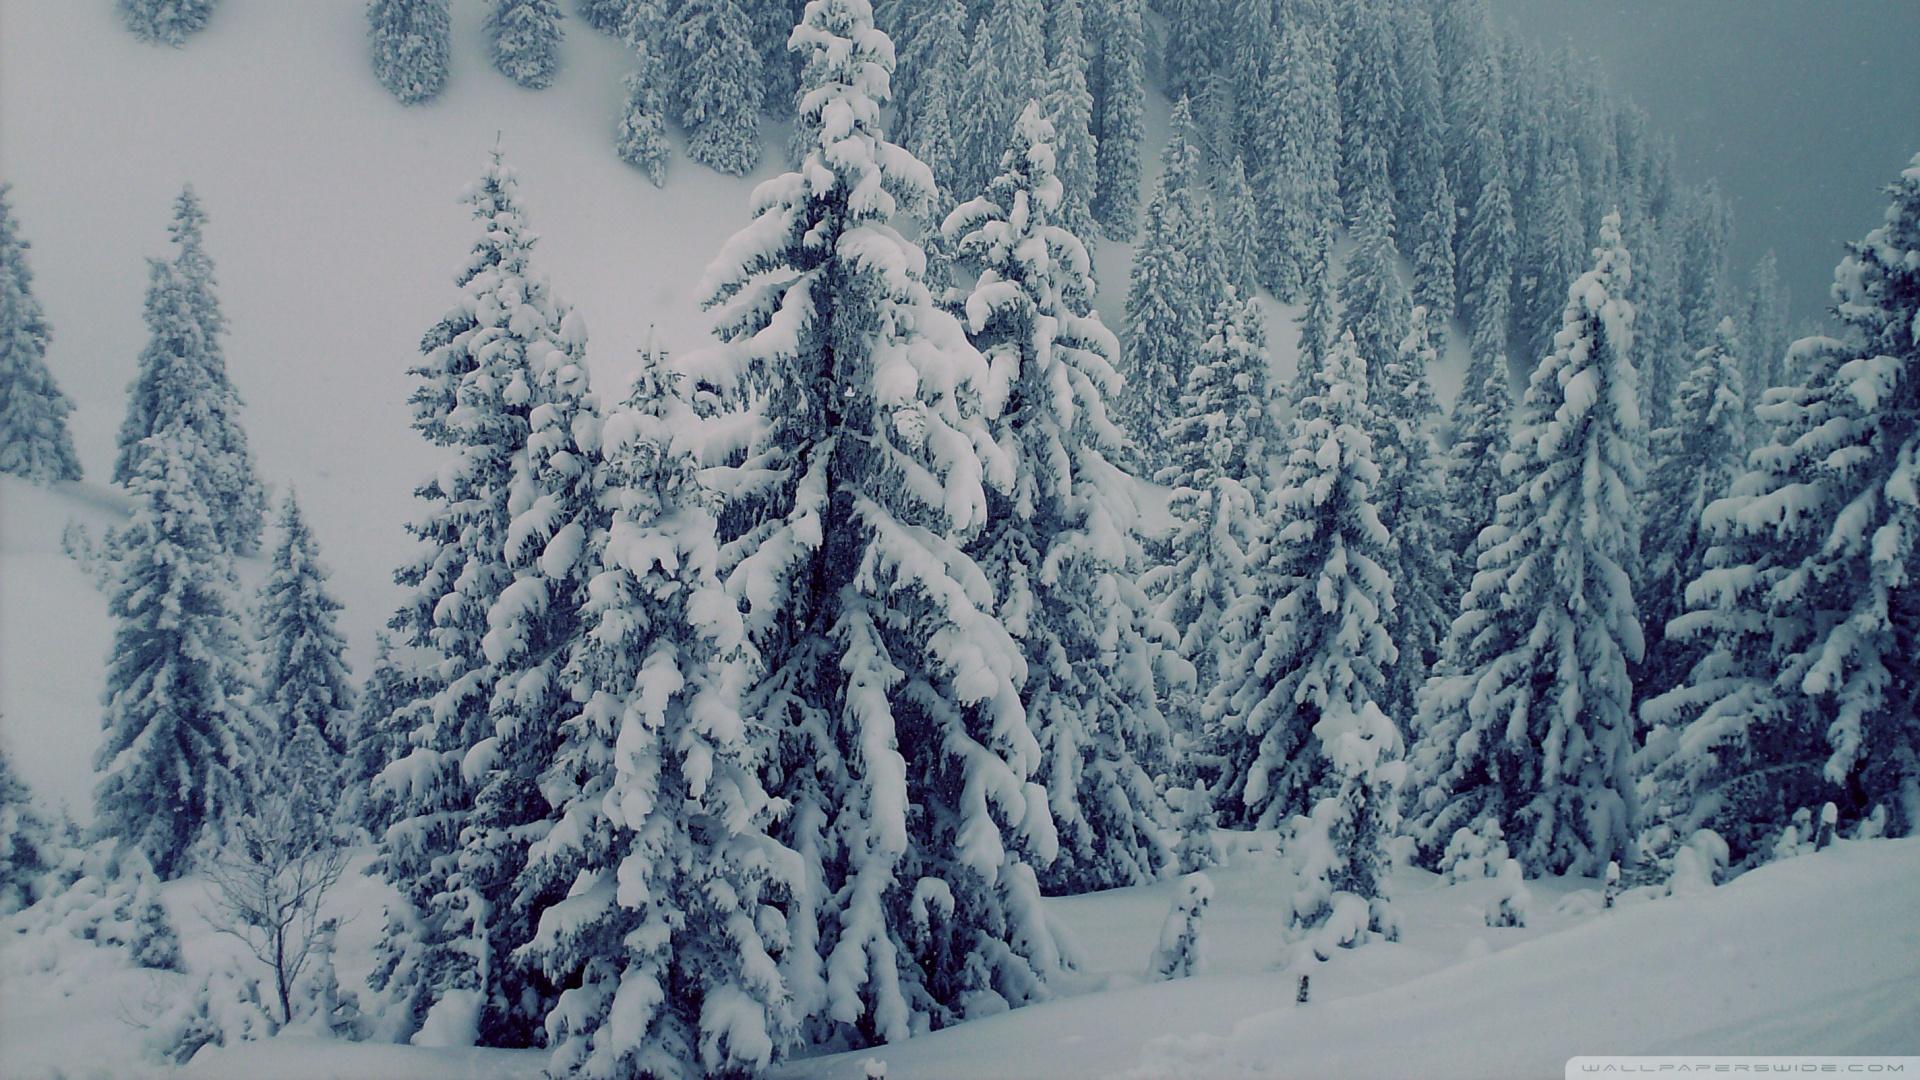 Download Snowy Fir Trees 3 Wallpaper 1920x1080 Wallpoper 1920x1080